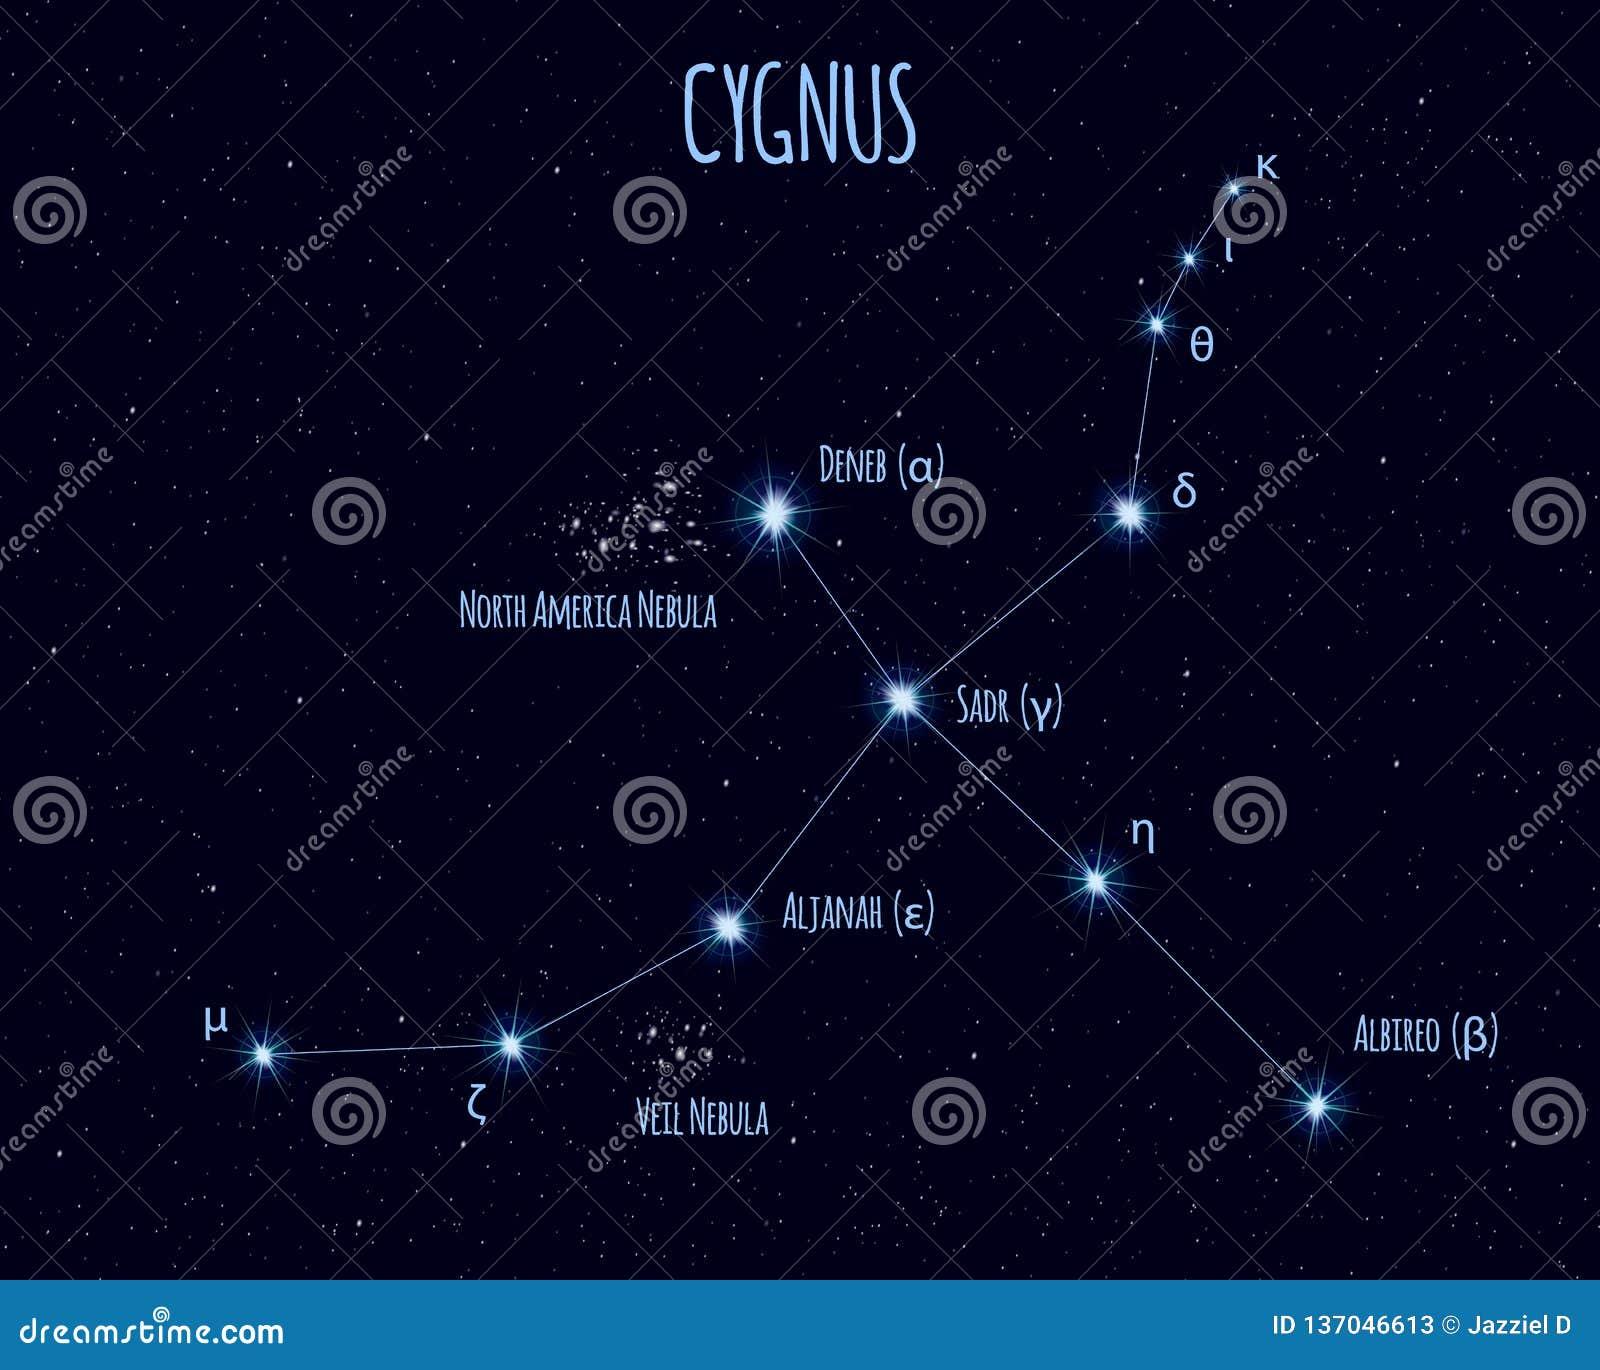 Constelação do Cygnus, ilustração do vetor com os nomes de estrelas básicas